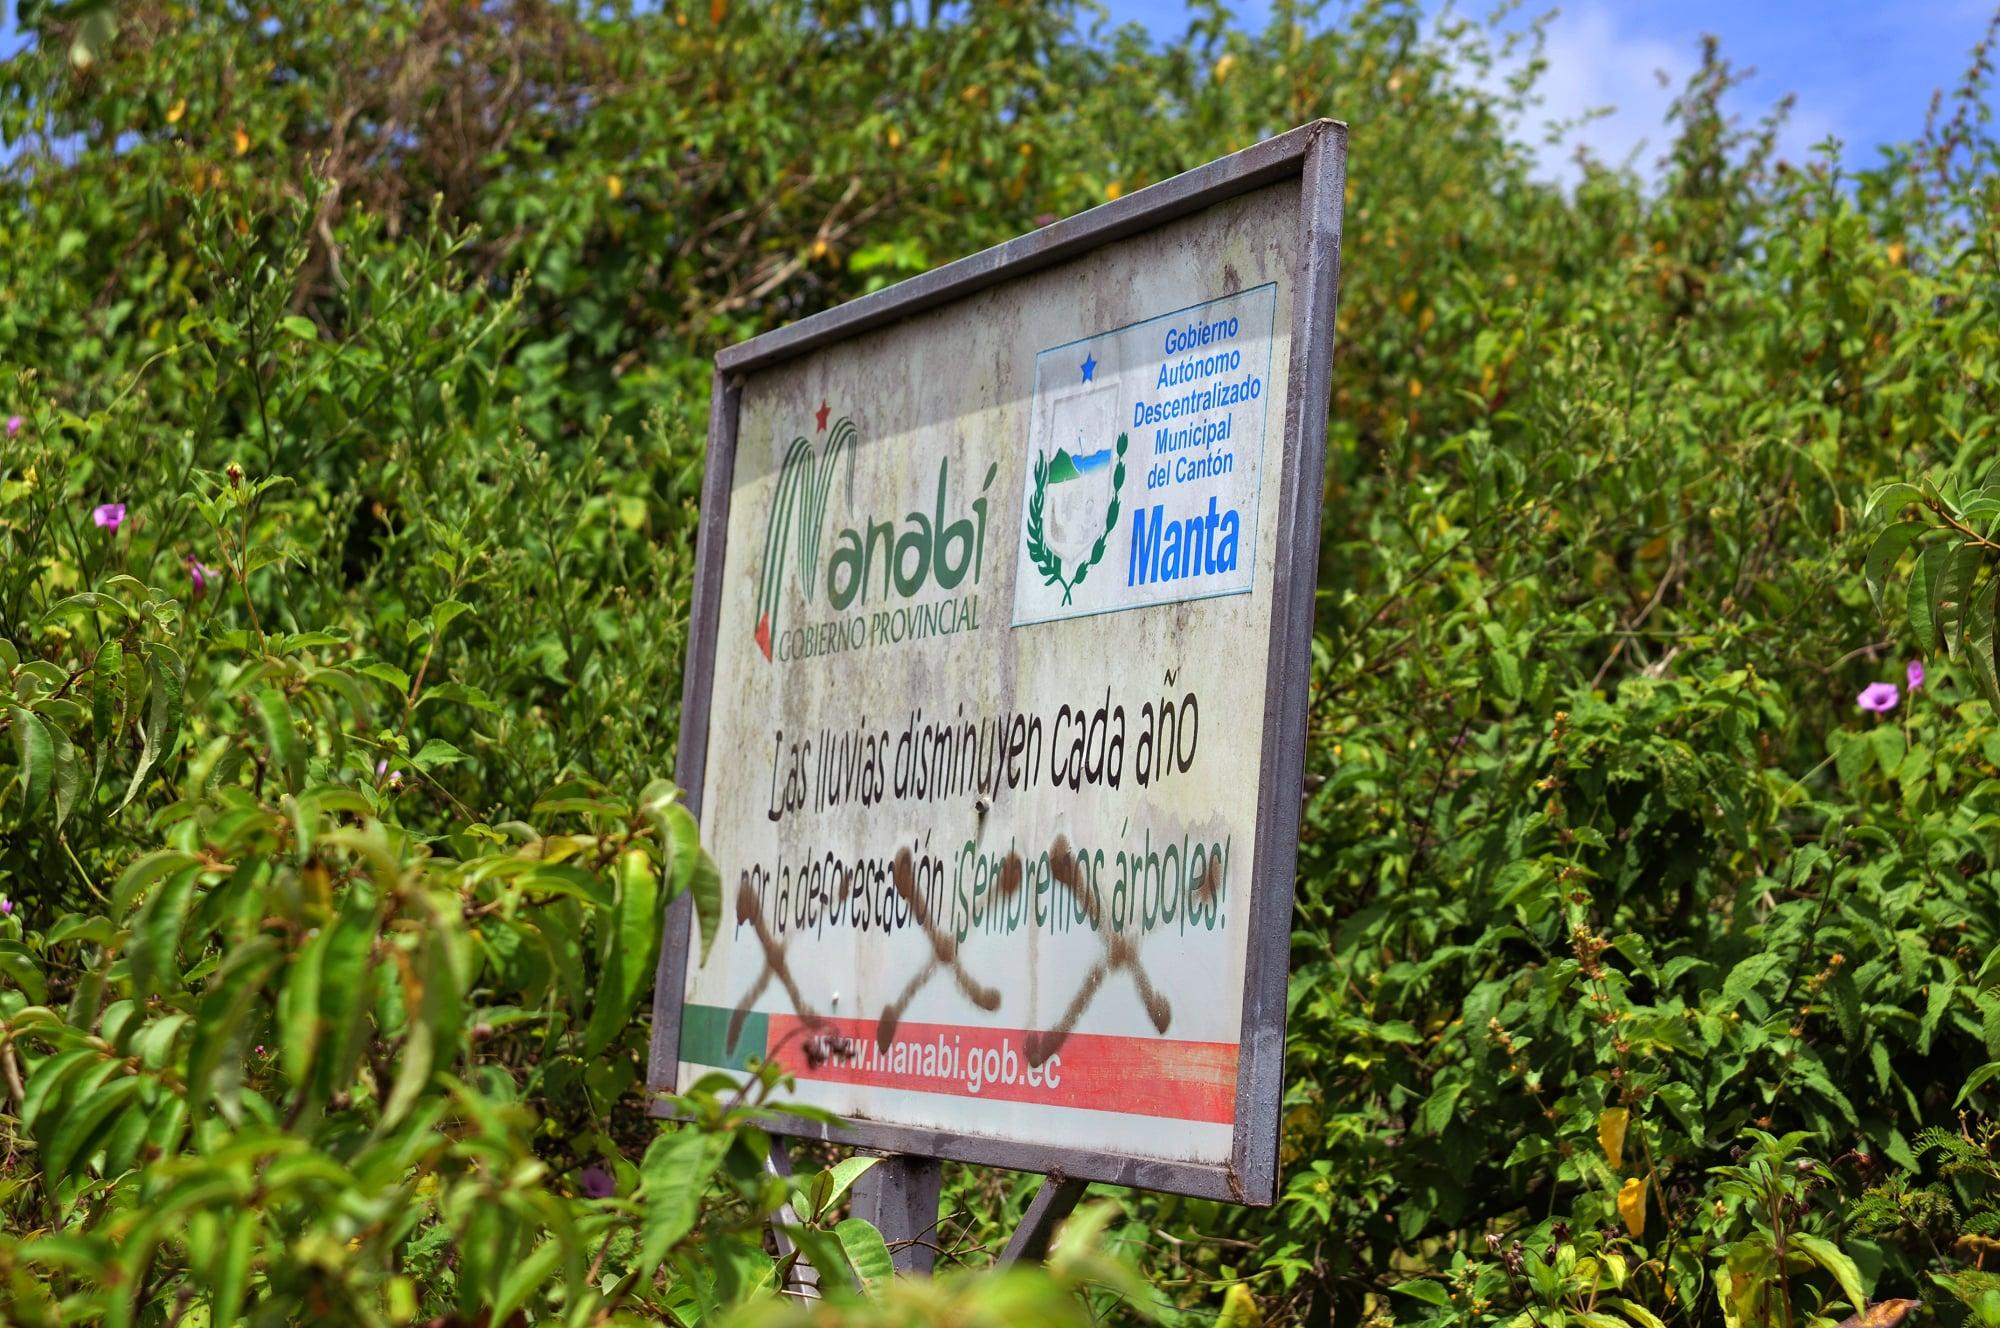 En la vía de acceso a Pacoche hay letreros que enfatizan en el cuidado al medio ambiente. Uno de ellos relaciona la deforestación con la escasez de lluvias. Foto: Génesis Lozano.